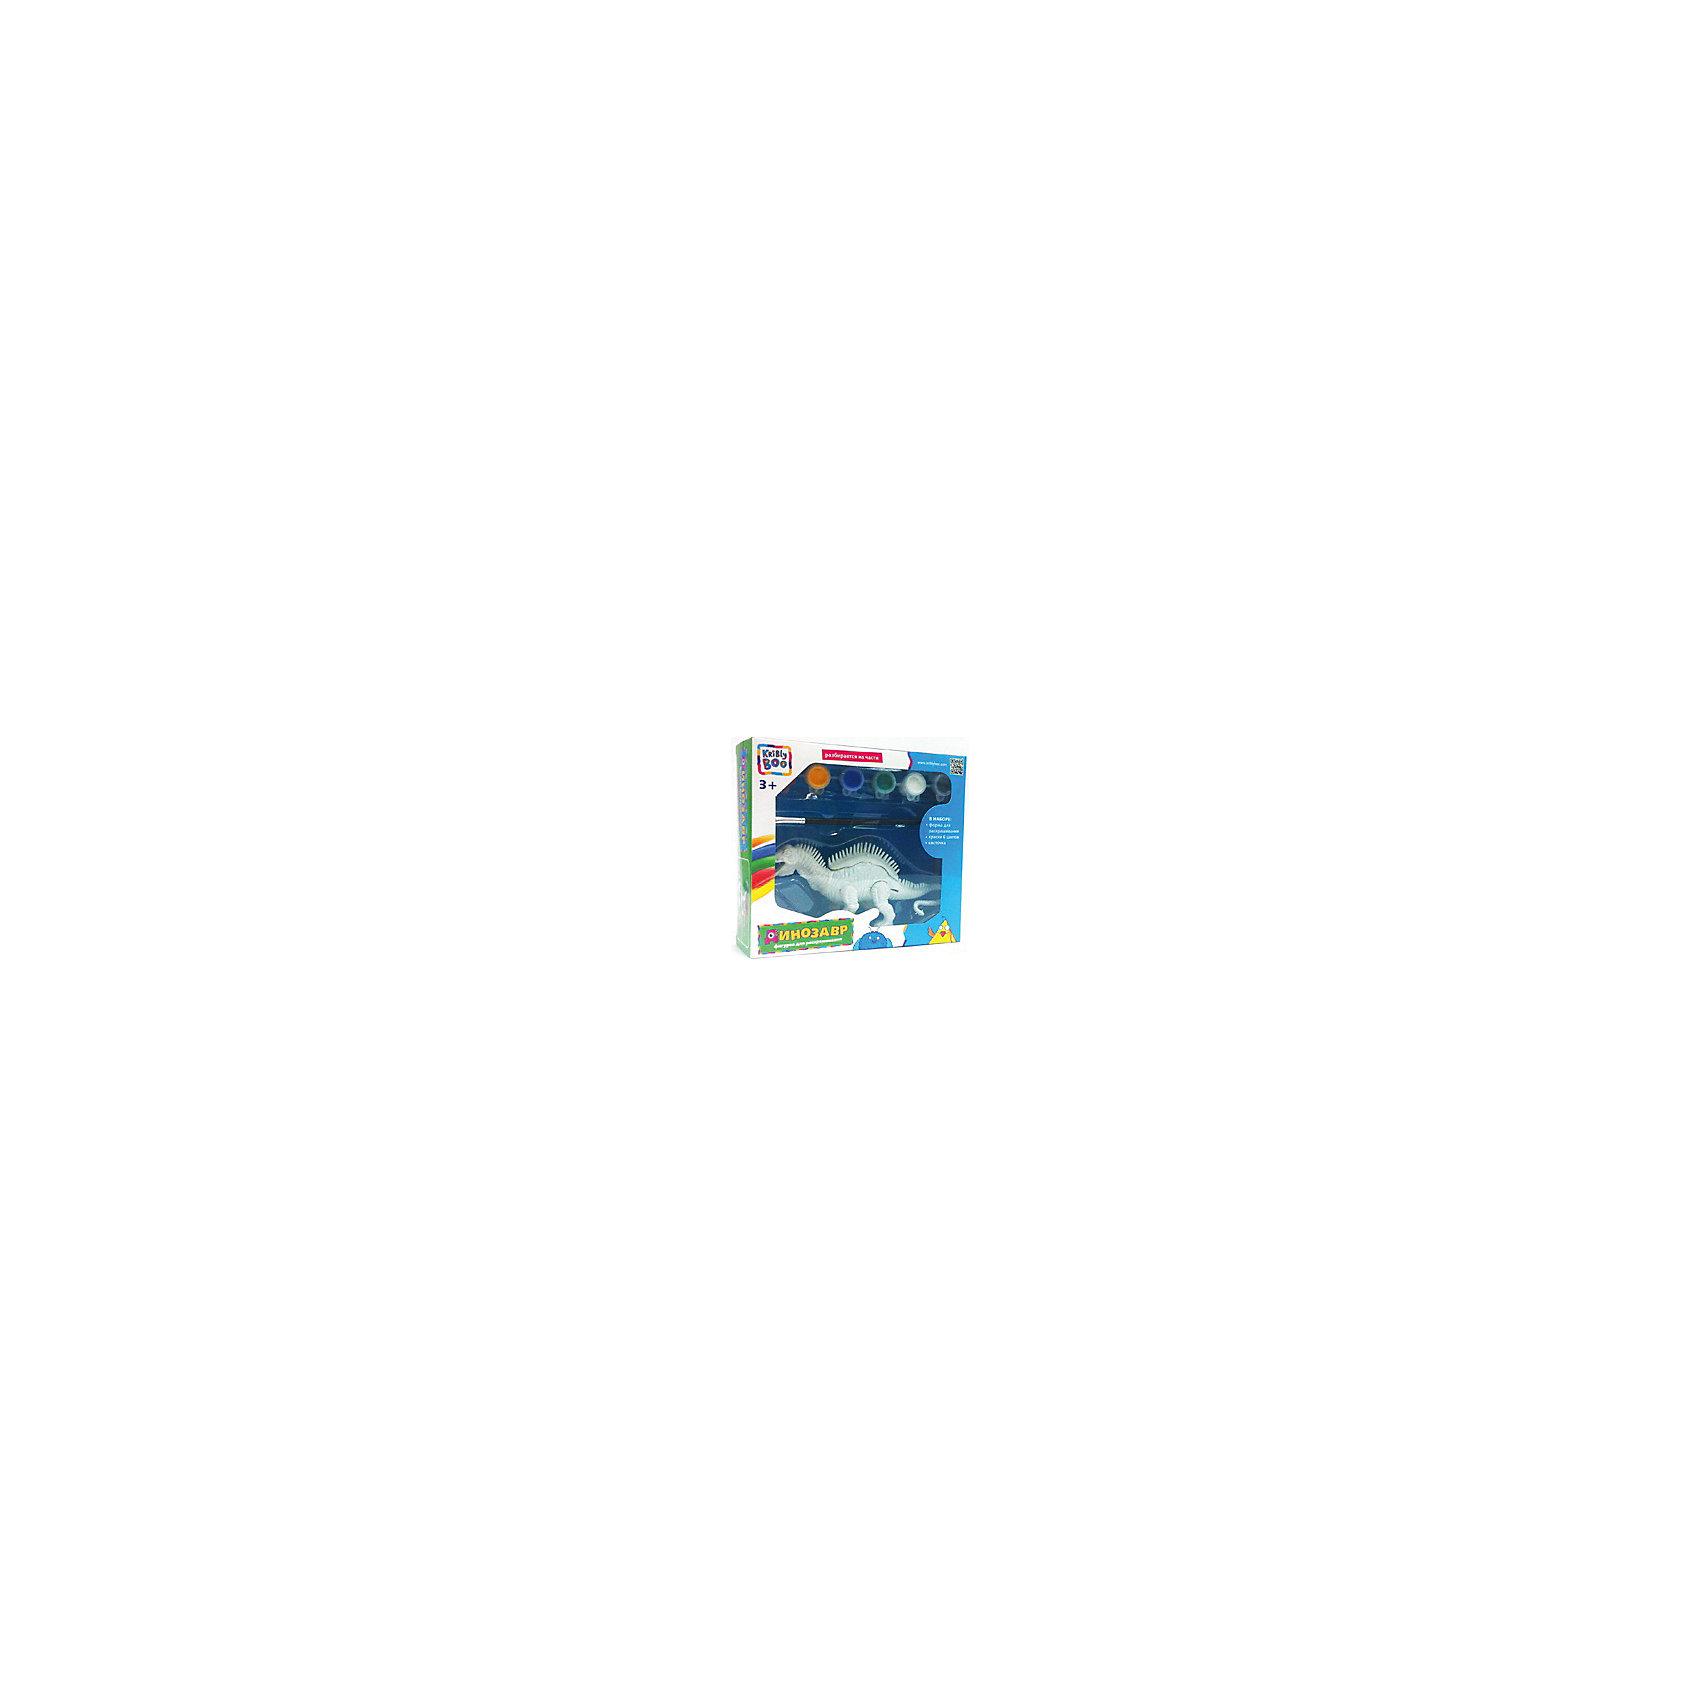 Фигурка динозавра для раскрашиванияНаборы для раскрашивания<br>Характеристики товара:<br><br>• материал: пластик, акрил<br>• размер: 38х18х17 см<br>• вес: 250 г<br>• комплектация: динозавр, краски 6 цветов, кисть<br>• фигурка разбираются на части<br>• развивающая<br>• возраст: от трех лет<br>• страна бренда: Финляндия<br>• страна изготовитель: Китай<br><br>Такая раскраска станет отличным подарком малышам! Она отличается тем, что сделана в виде объемного динозавра! Ддля раскрашивания к ней прилагаются кисть и краски. С помощью раскрашивания ребенок не только весело проведет время, он будет тренировать внимательность, абстрактное мышление, логику, усидчивость, мелкую моторику и творческие способности. <br>Раскраска выпущена в удобном формате. Изделие производится из качественных и проверенных материалов, которые безопасны для детей.<br><br>Фигурку динозавра для раскрашивания от бренда KriBly Boo можно купить в нашем интернет-магазине.<br><br>Ширина мм: 380<br>Глубина мм: 180<br>Высота мм: 170<br>Вес г: 250<br>Возраст от месяцев: 36<br>Возраст до месяцев: 84<br>Пол: Унисекс<br>Возраст: Детский<br>SKU: 5167840